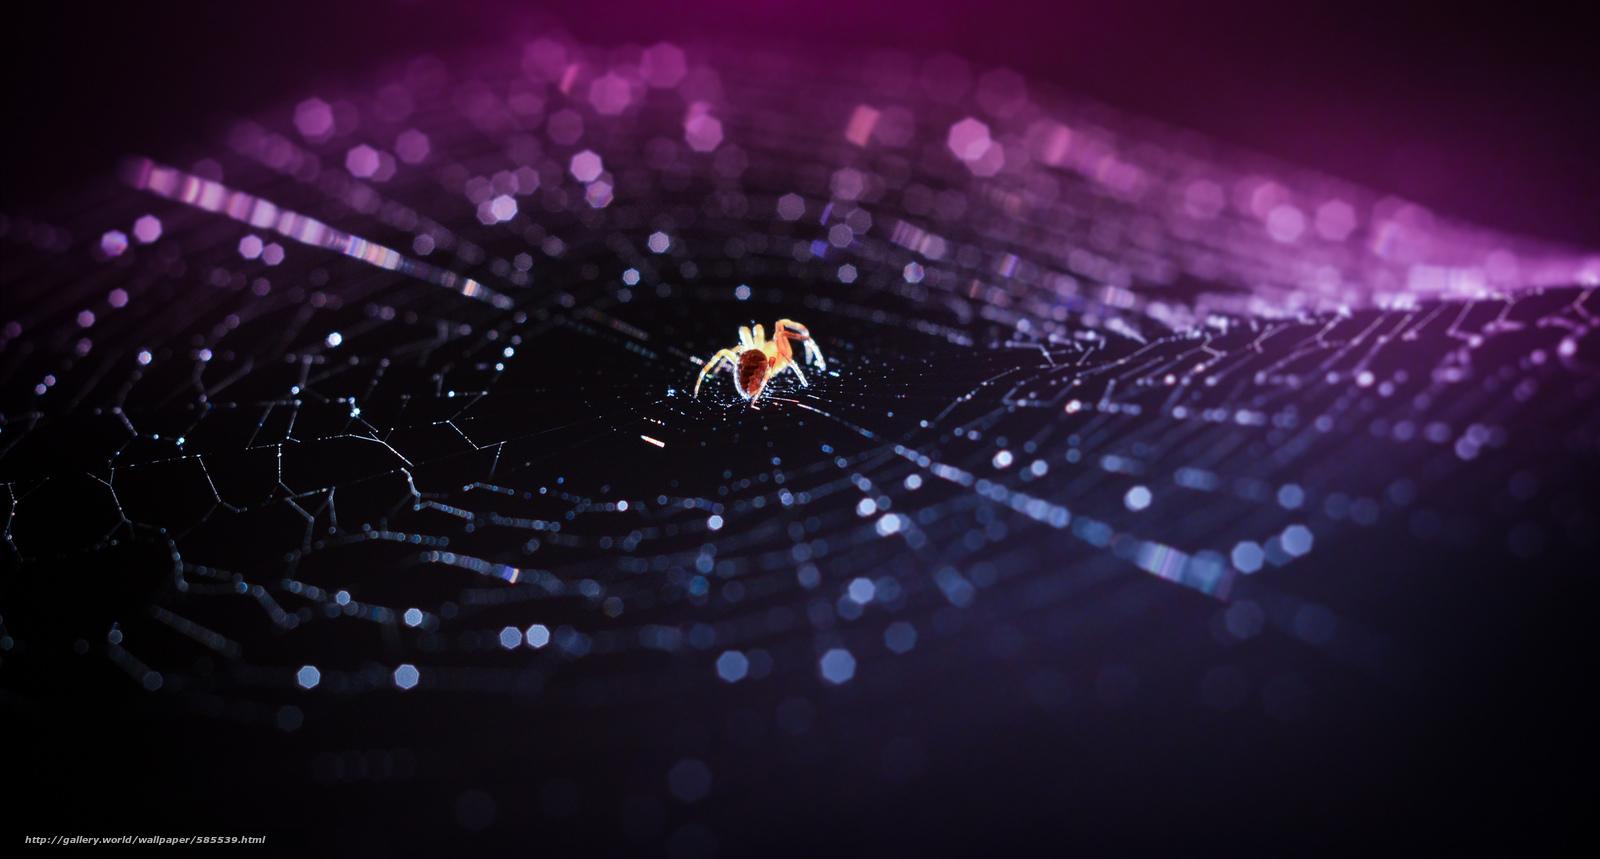 Скачать обои паутина,  паук,  макро,  боке бесплатно для рабочего стола в разрешении 2048x1099 — картинка №585539